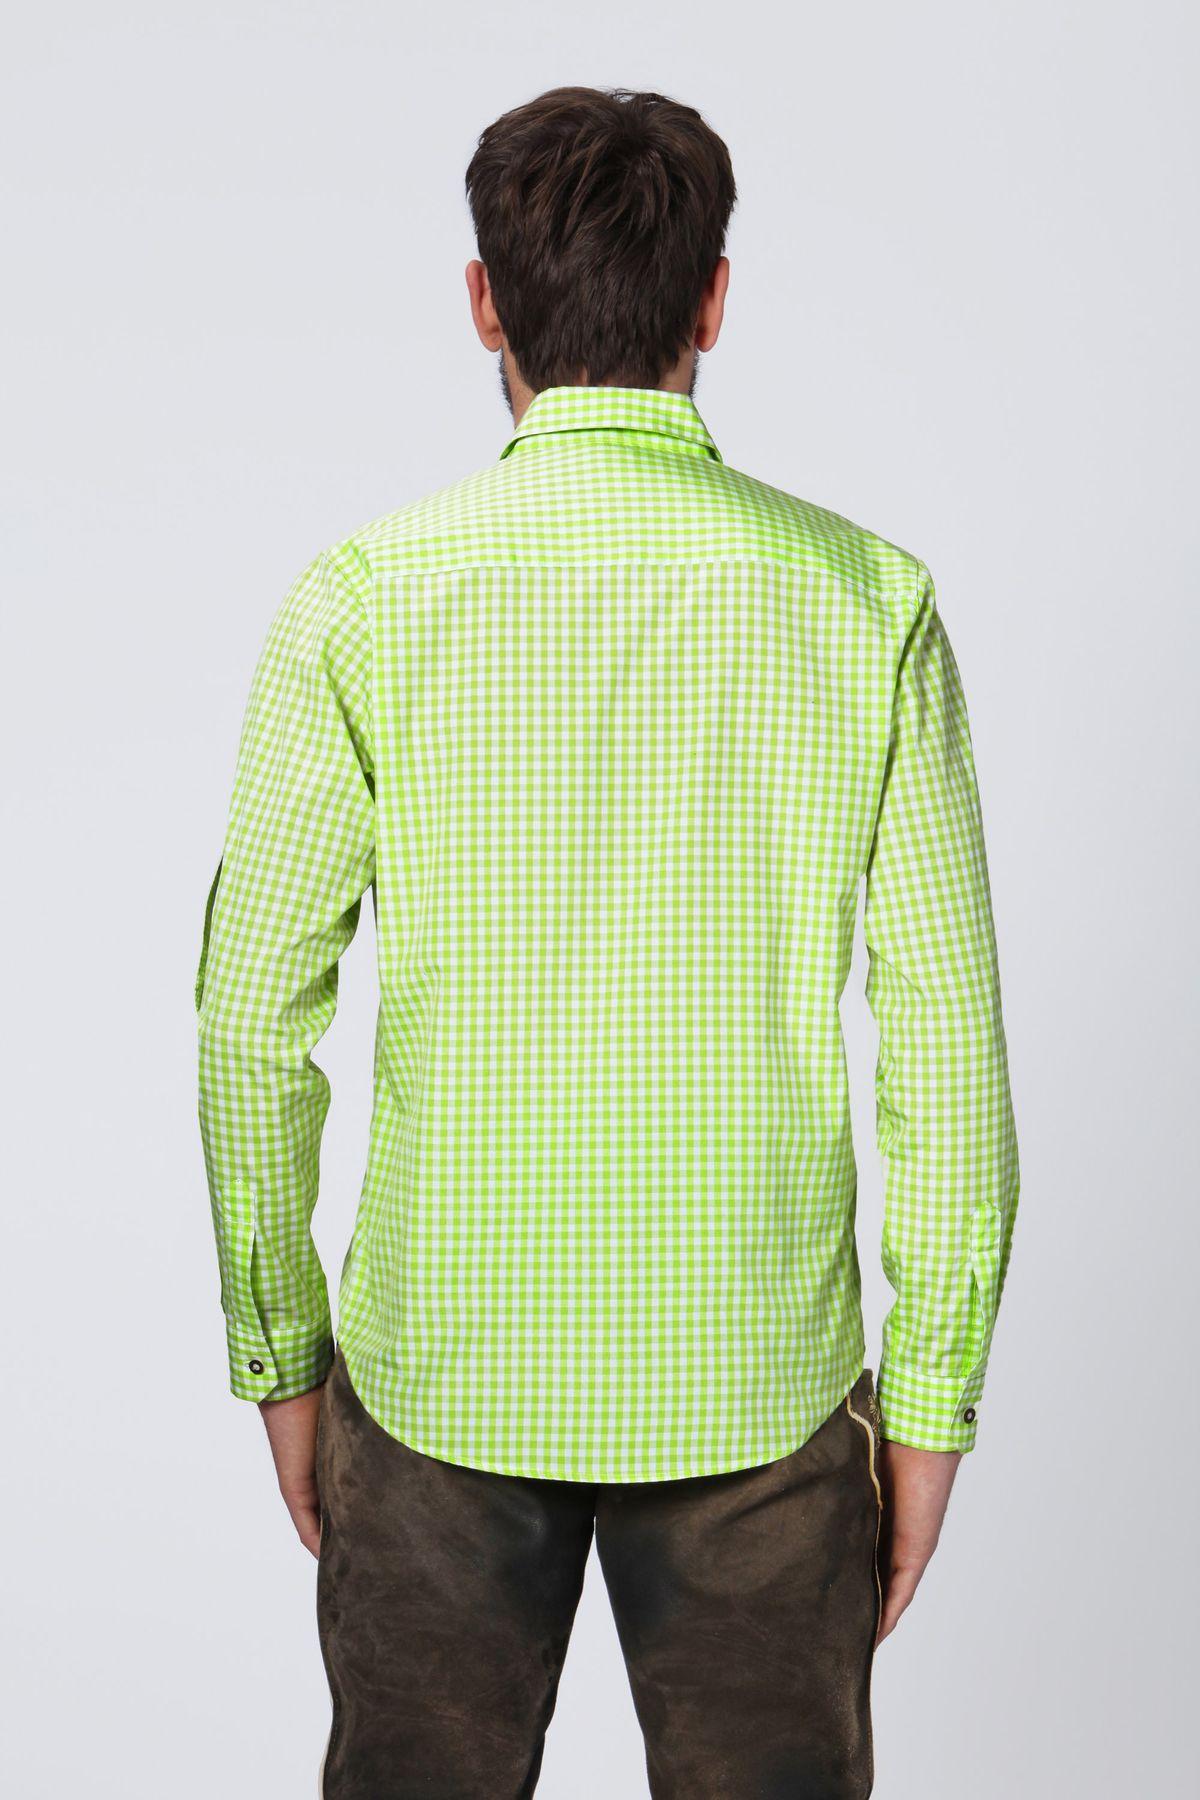 Stockerpoint - Herren Trachtenhemd, kariert in verschiedenen Farbvarianten, Campos2 – Bild 15